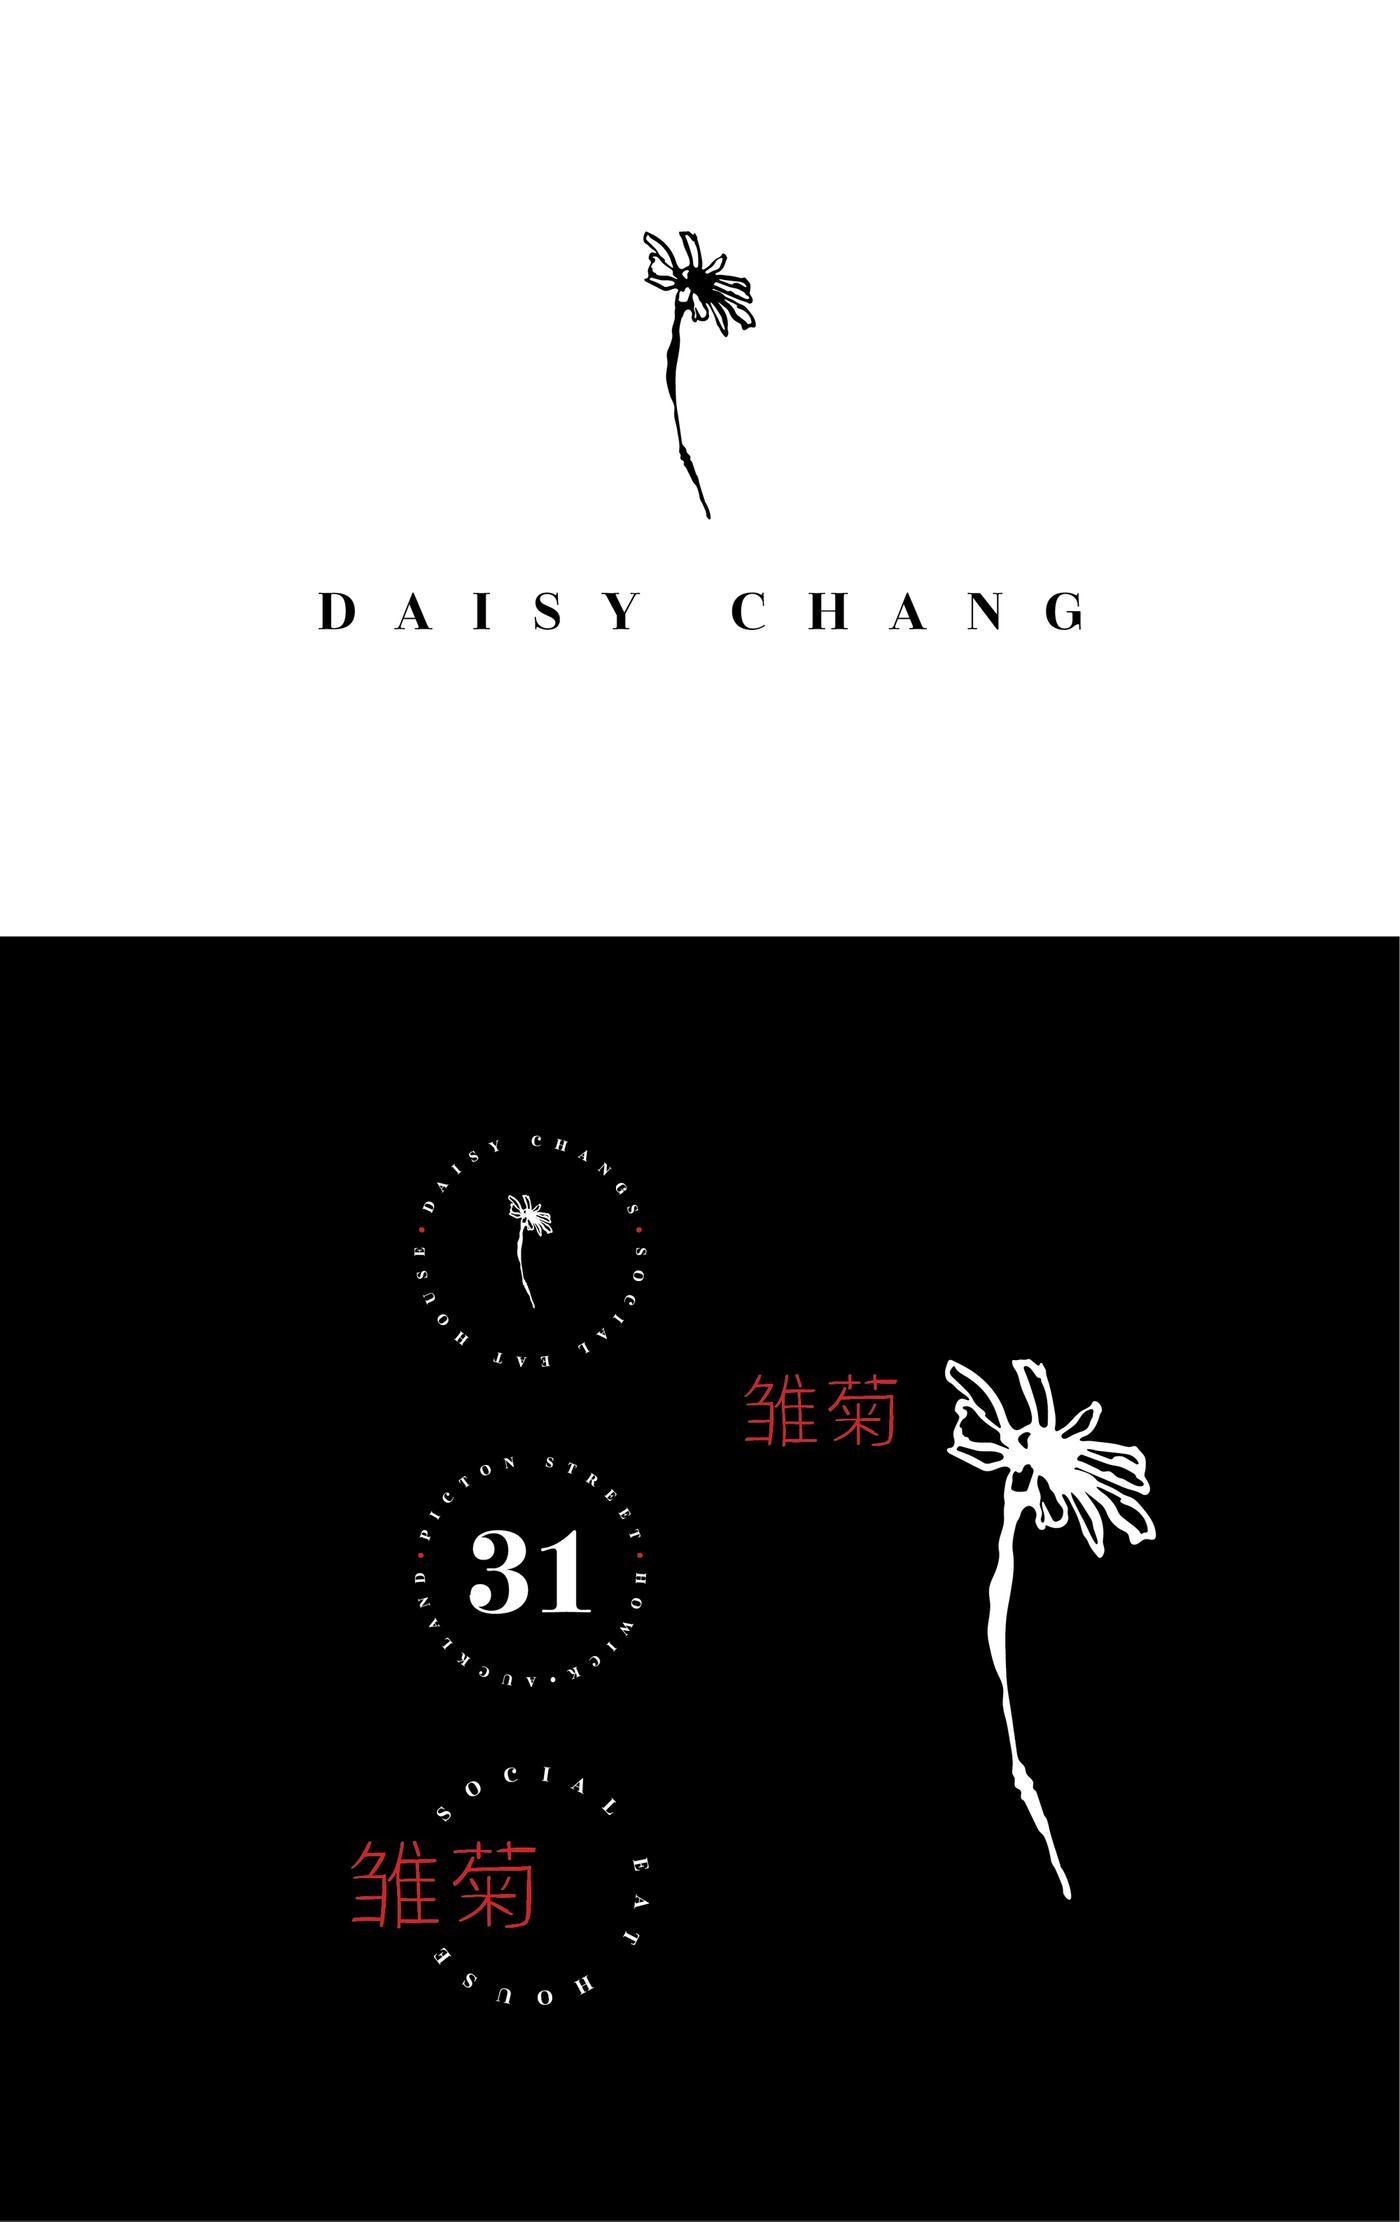 Daisy Chang identity